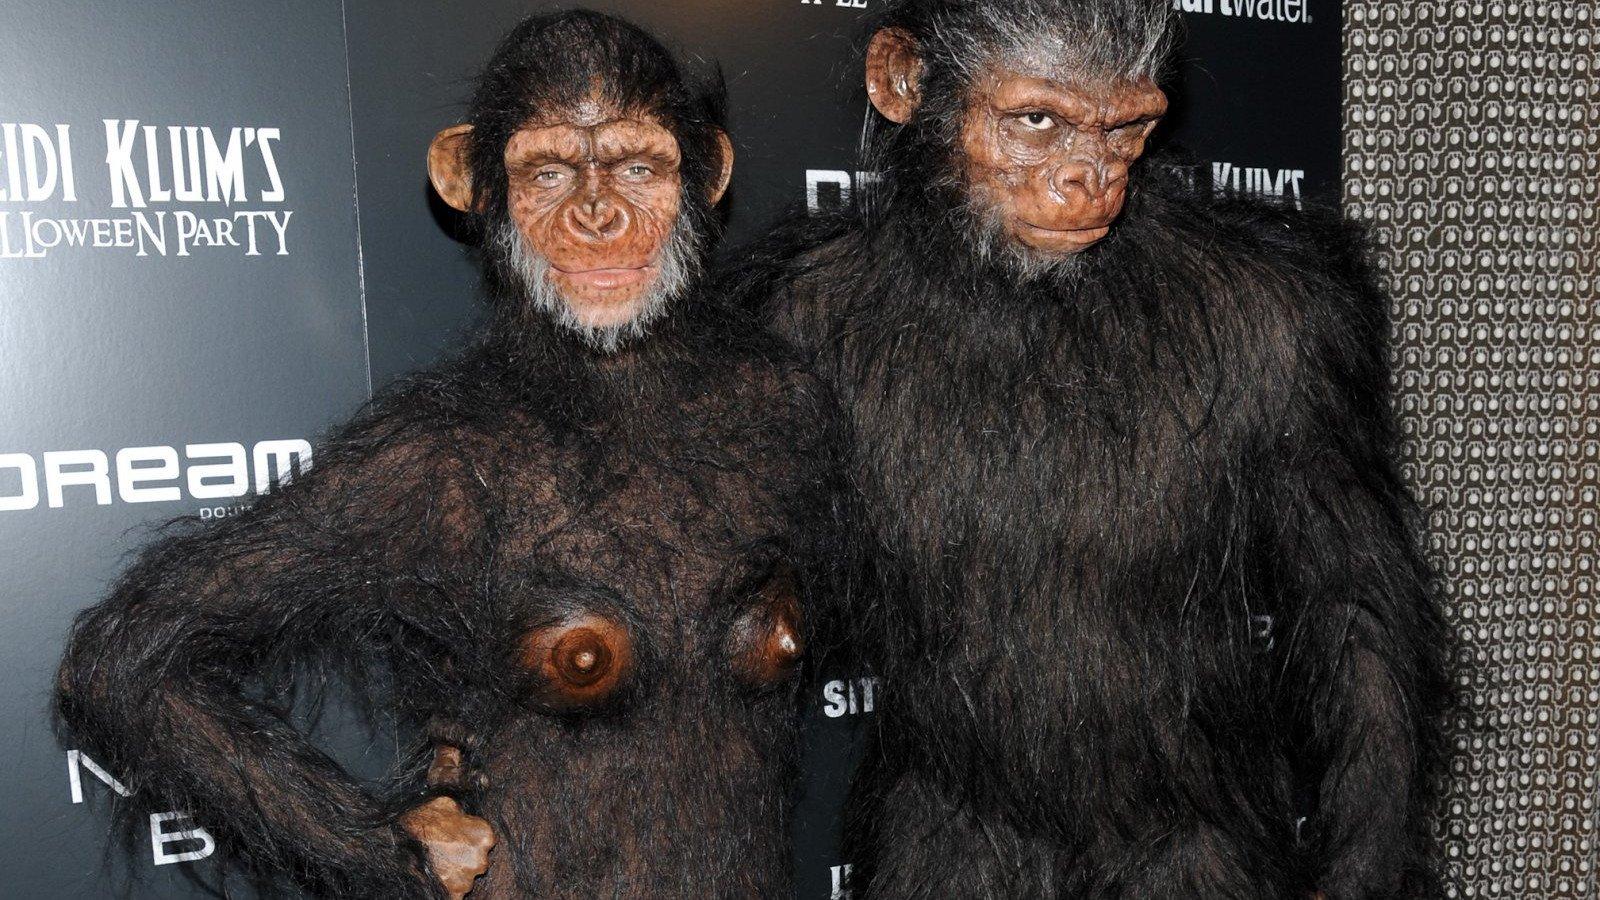 Heidi Klum con su ex-pareja, Seal, disfrazados de mono.